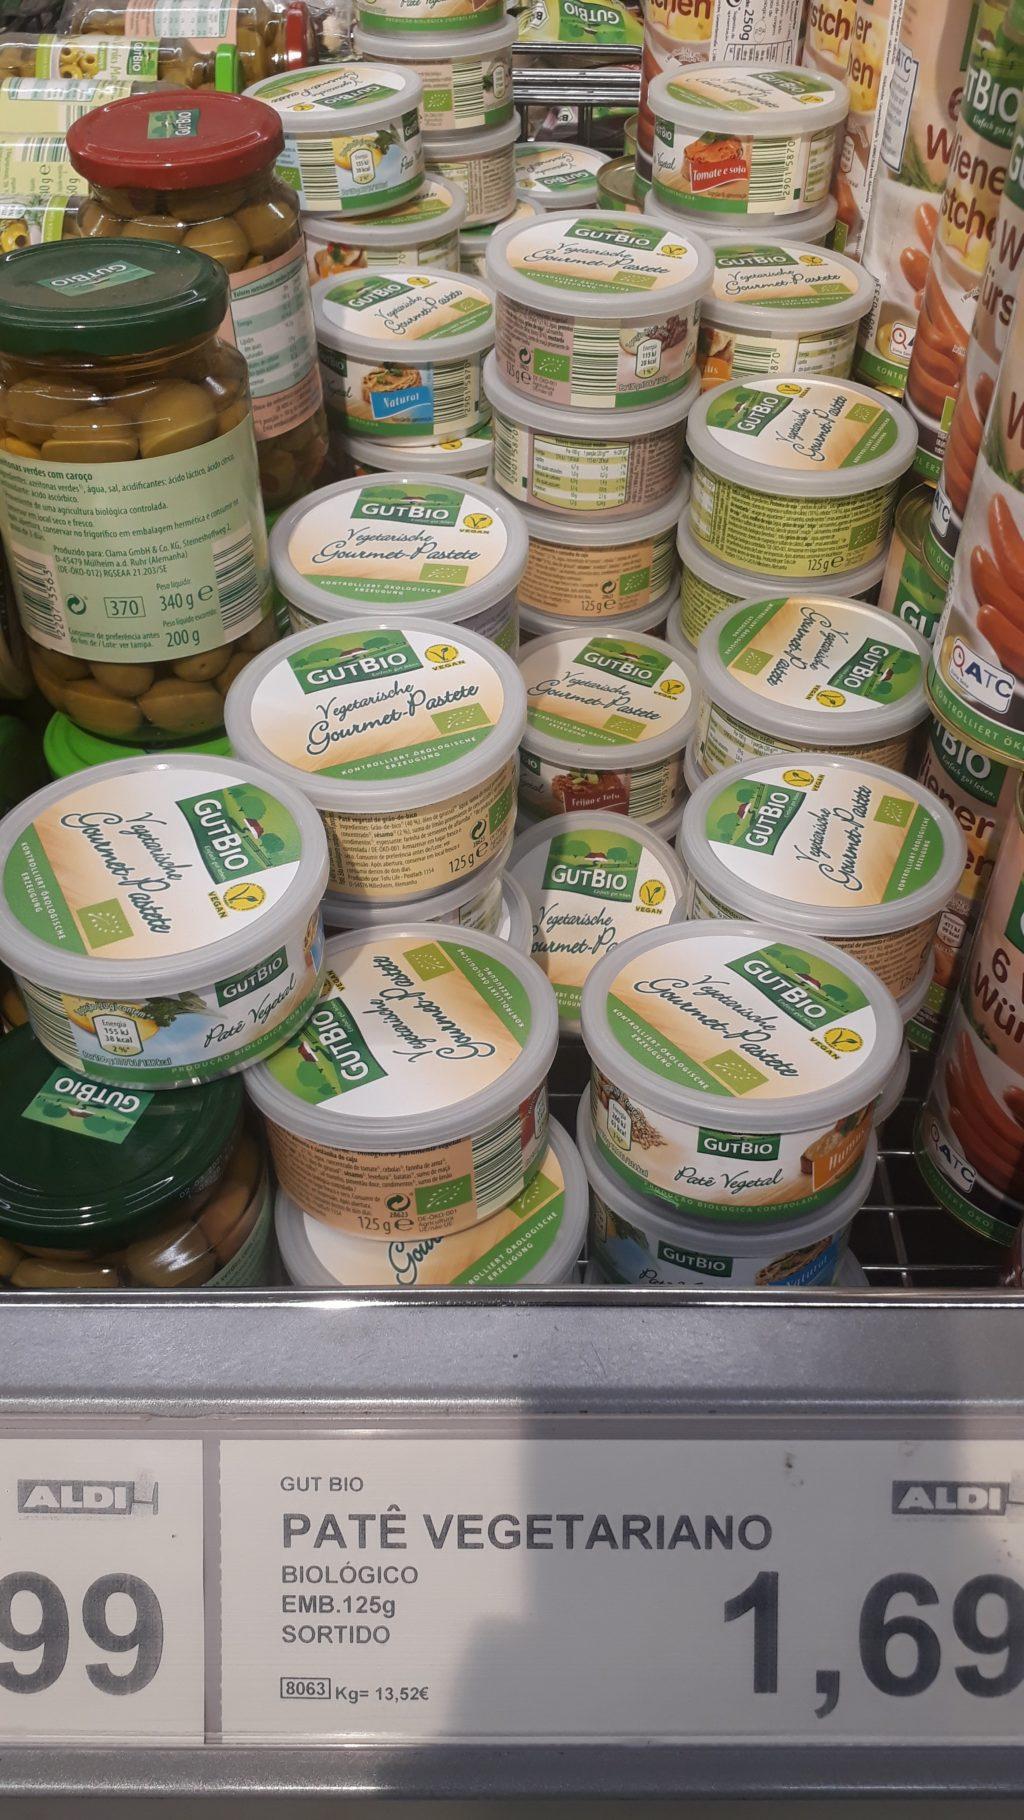 Vegane Brotauftriche in der Dose, verschiedene Sorten